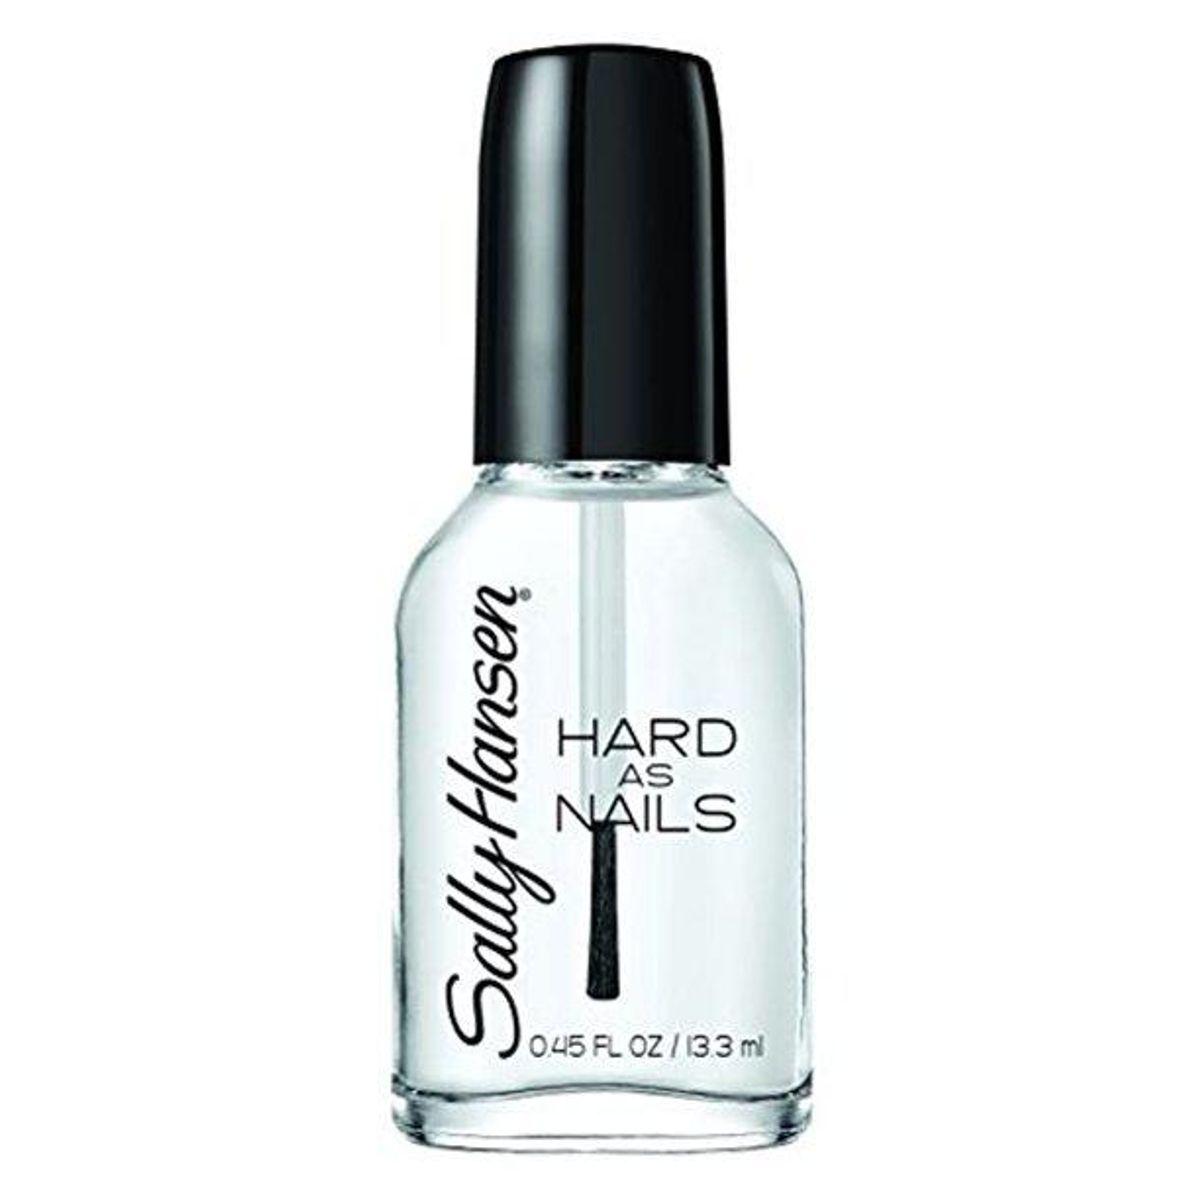 Hard as Nails Nail Polish in Crystal Clear